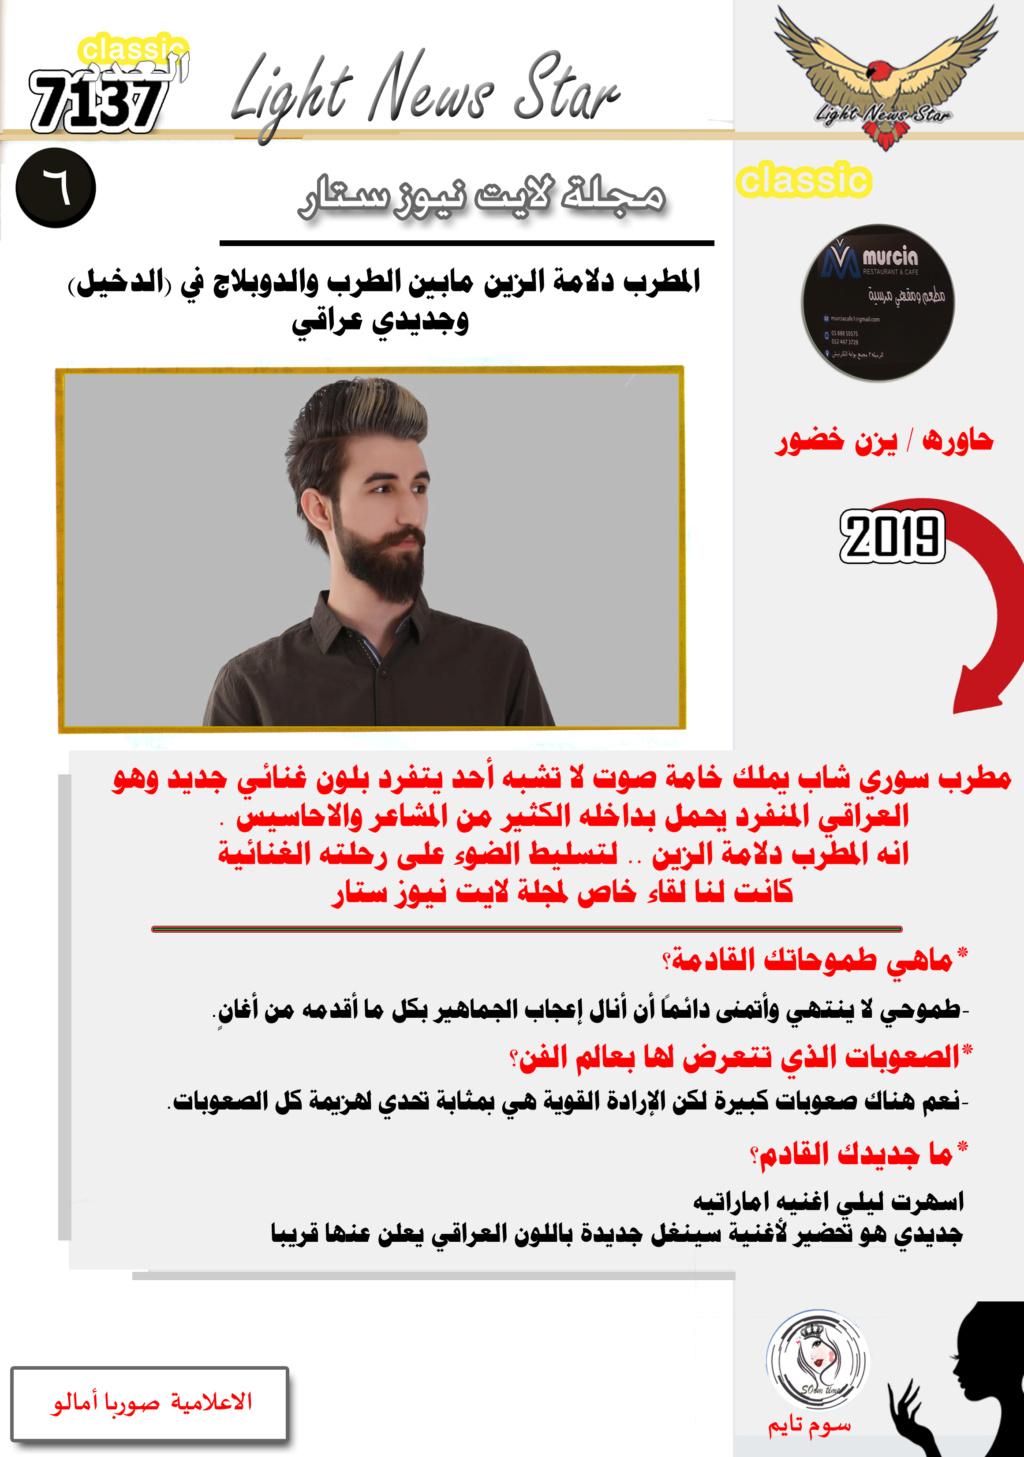 أخبار نجوم الفن والمشاهير 7137 light news star من المصدر l المطرب دلامة الزين مابين  الطرب والدوبلاج  في (الدخيل) وجديدي عراقي Ca610